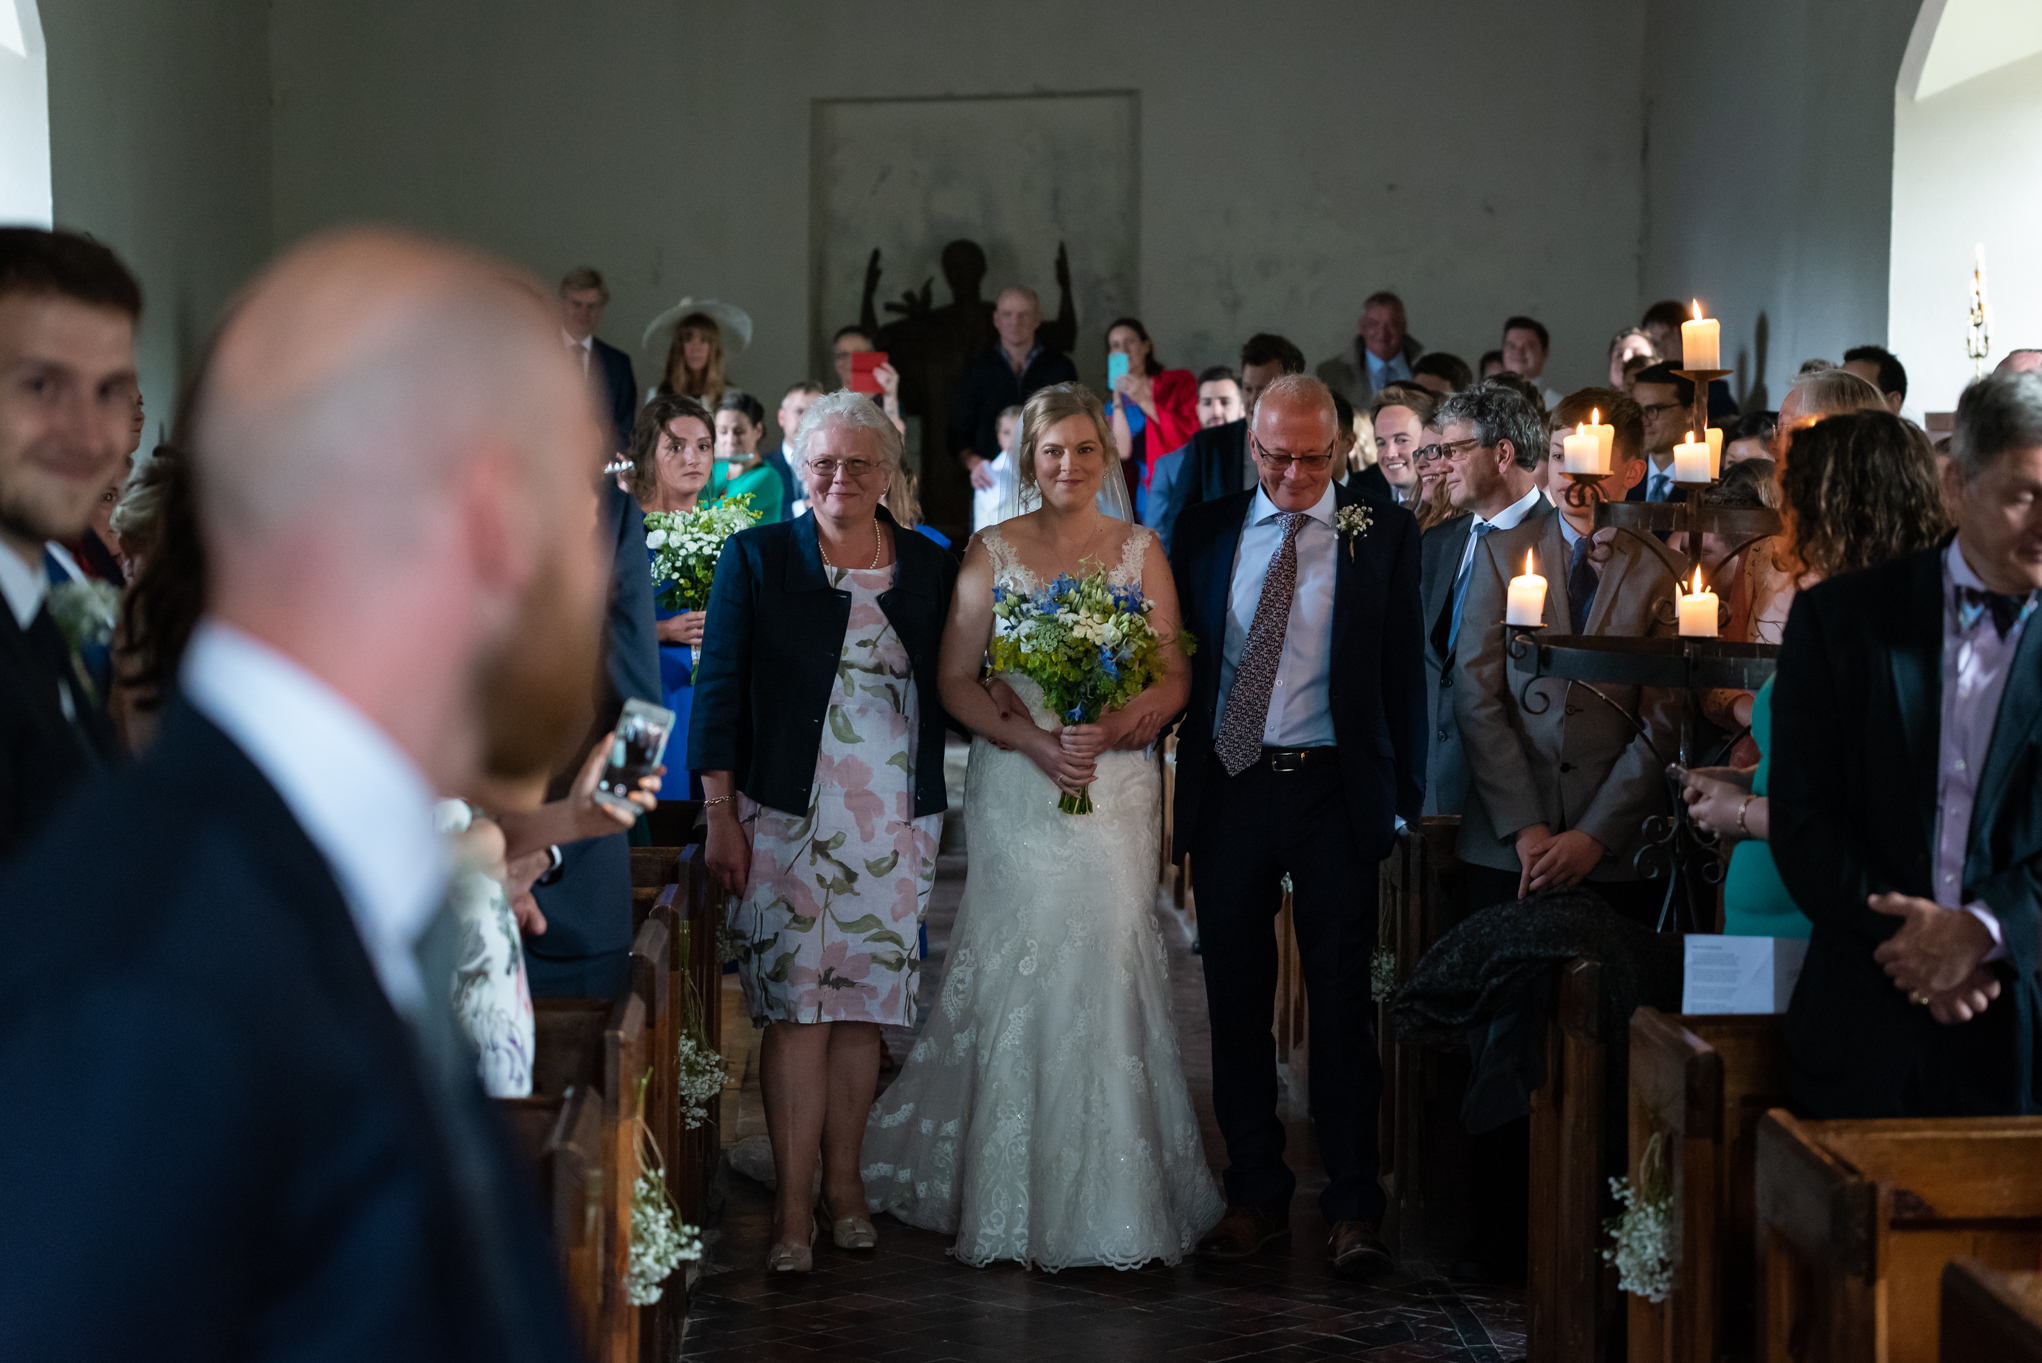 Bride entering church for wedding - Powys Wedding Photography